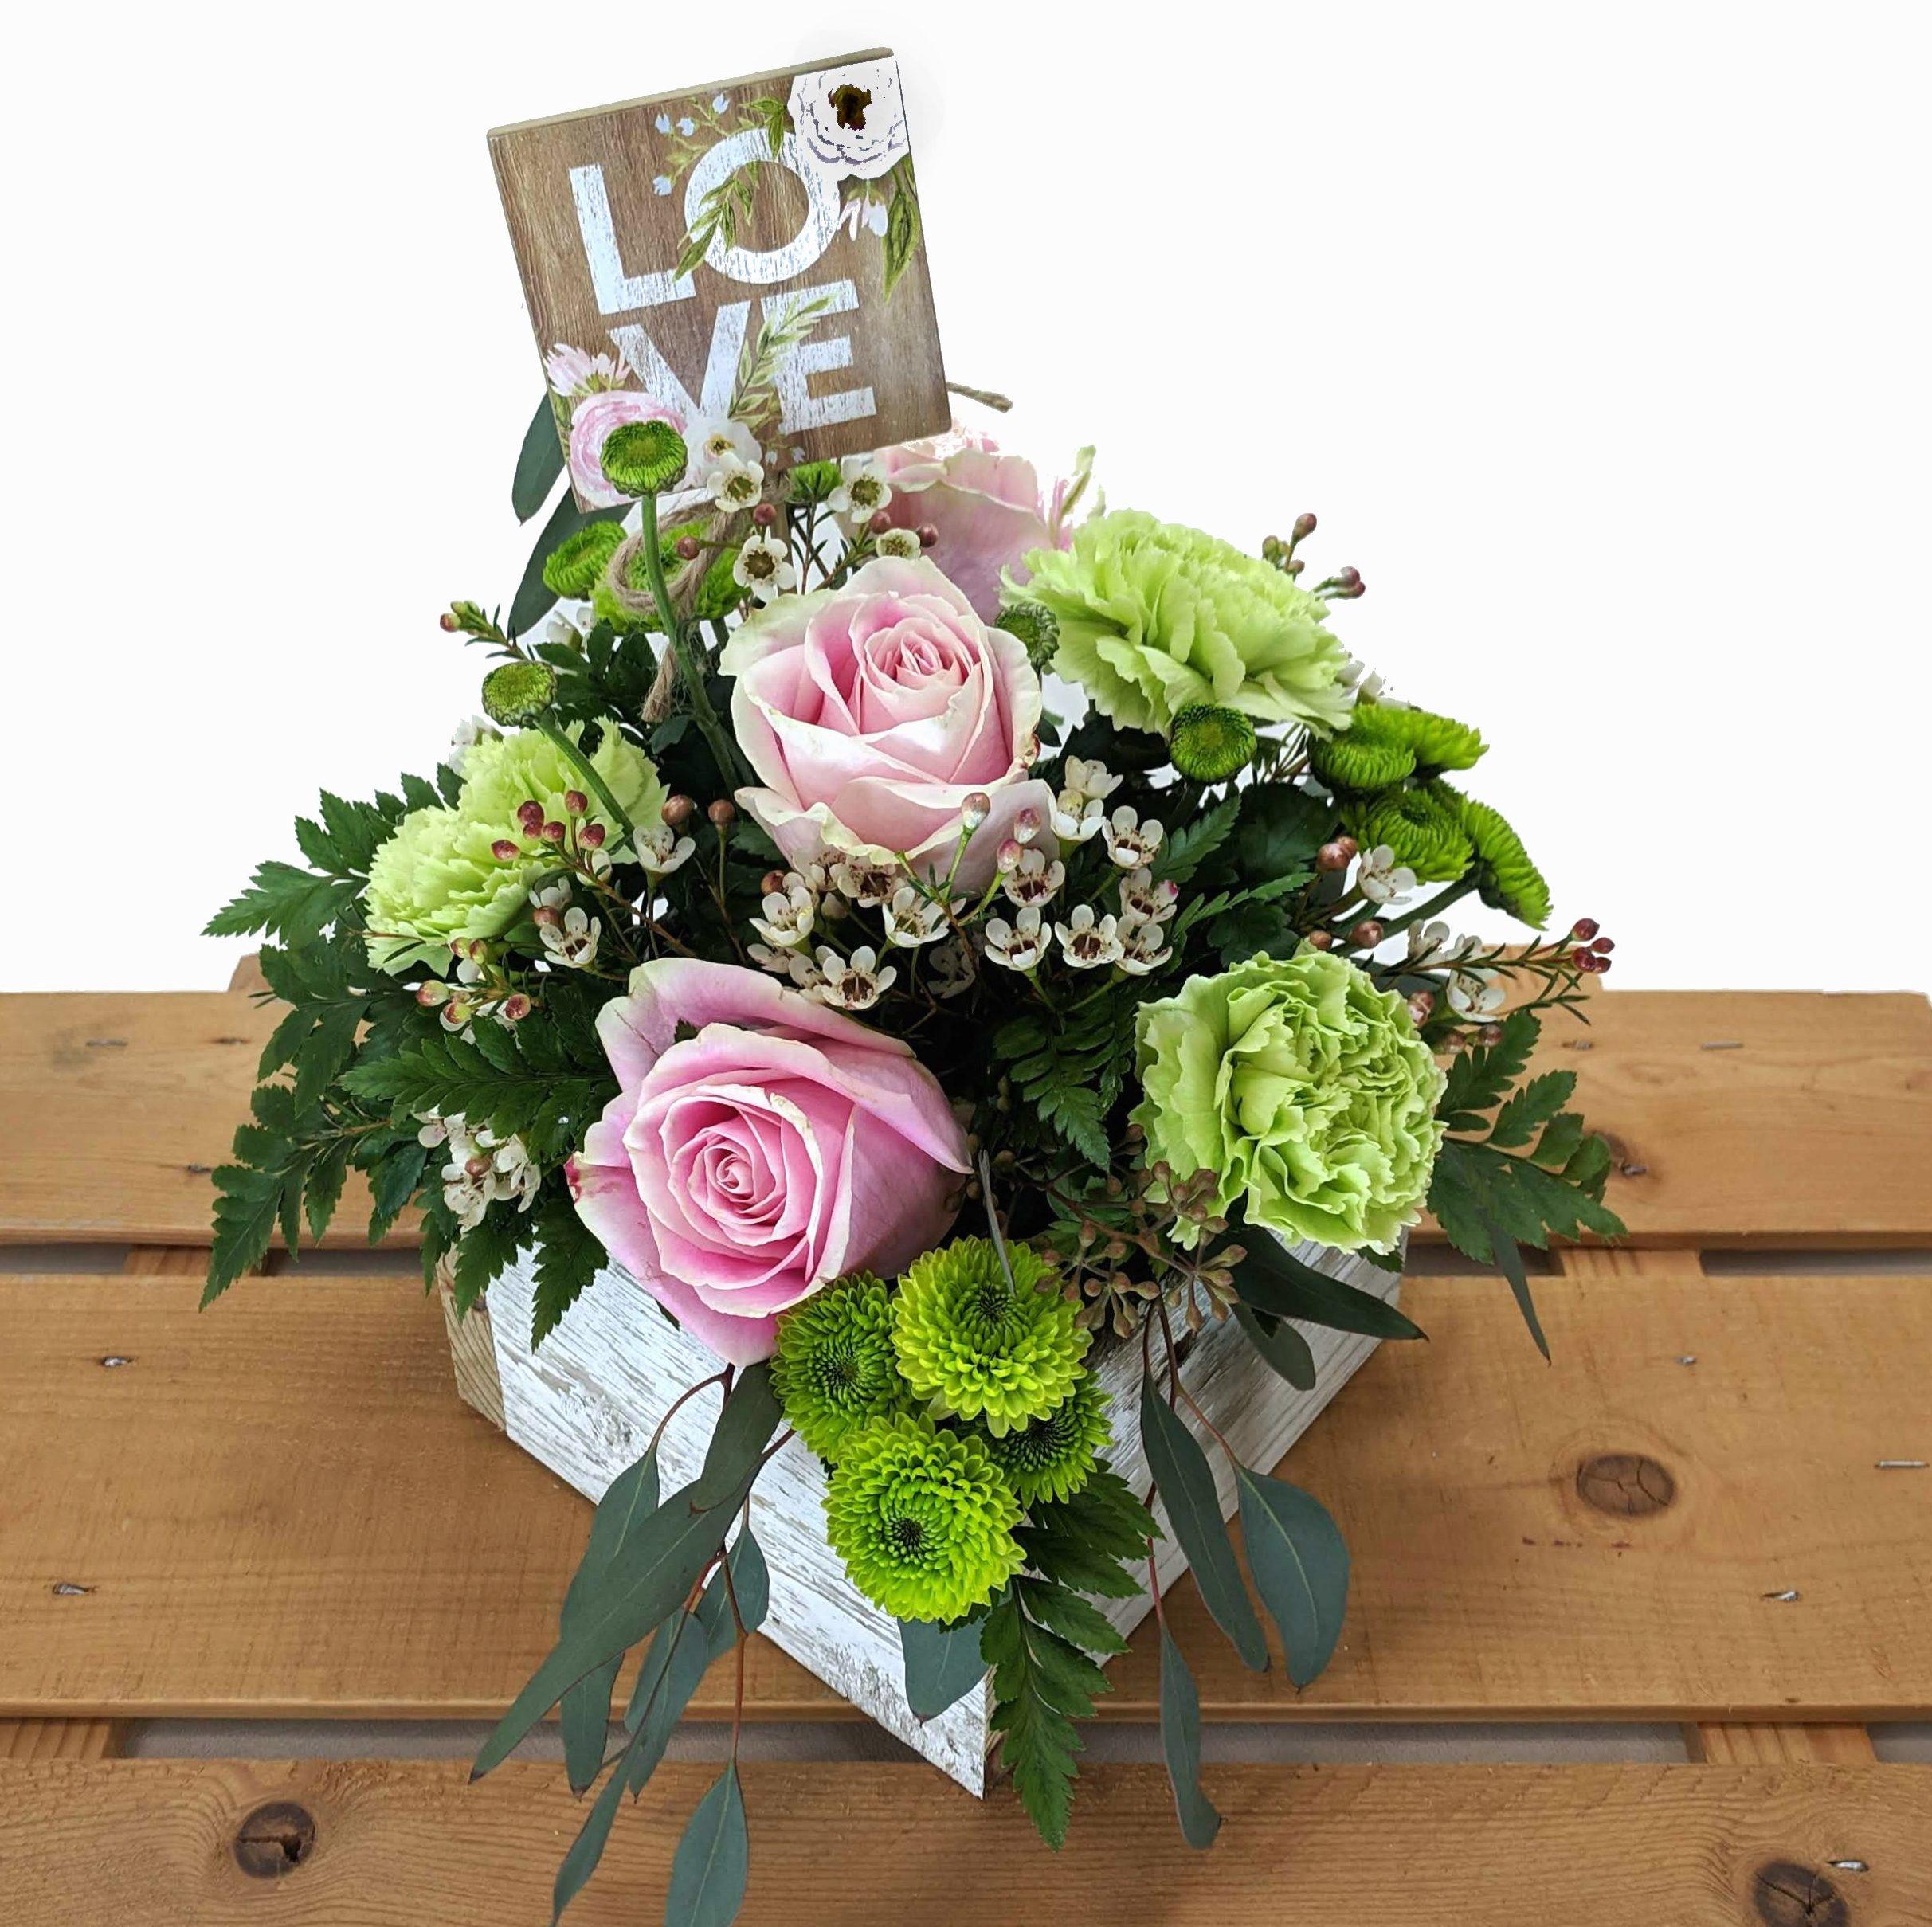 valentine's day arrangement in distressed wooden box